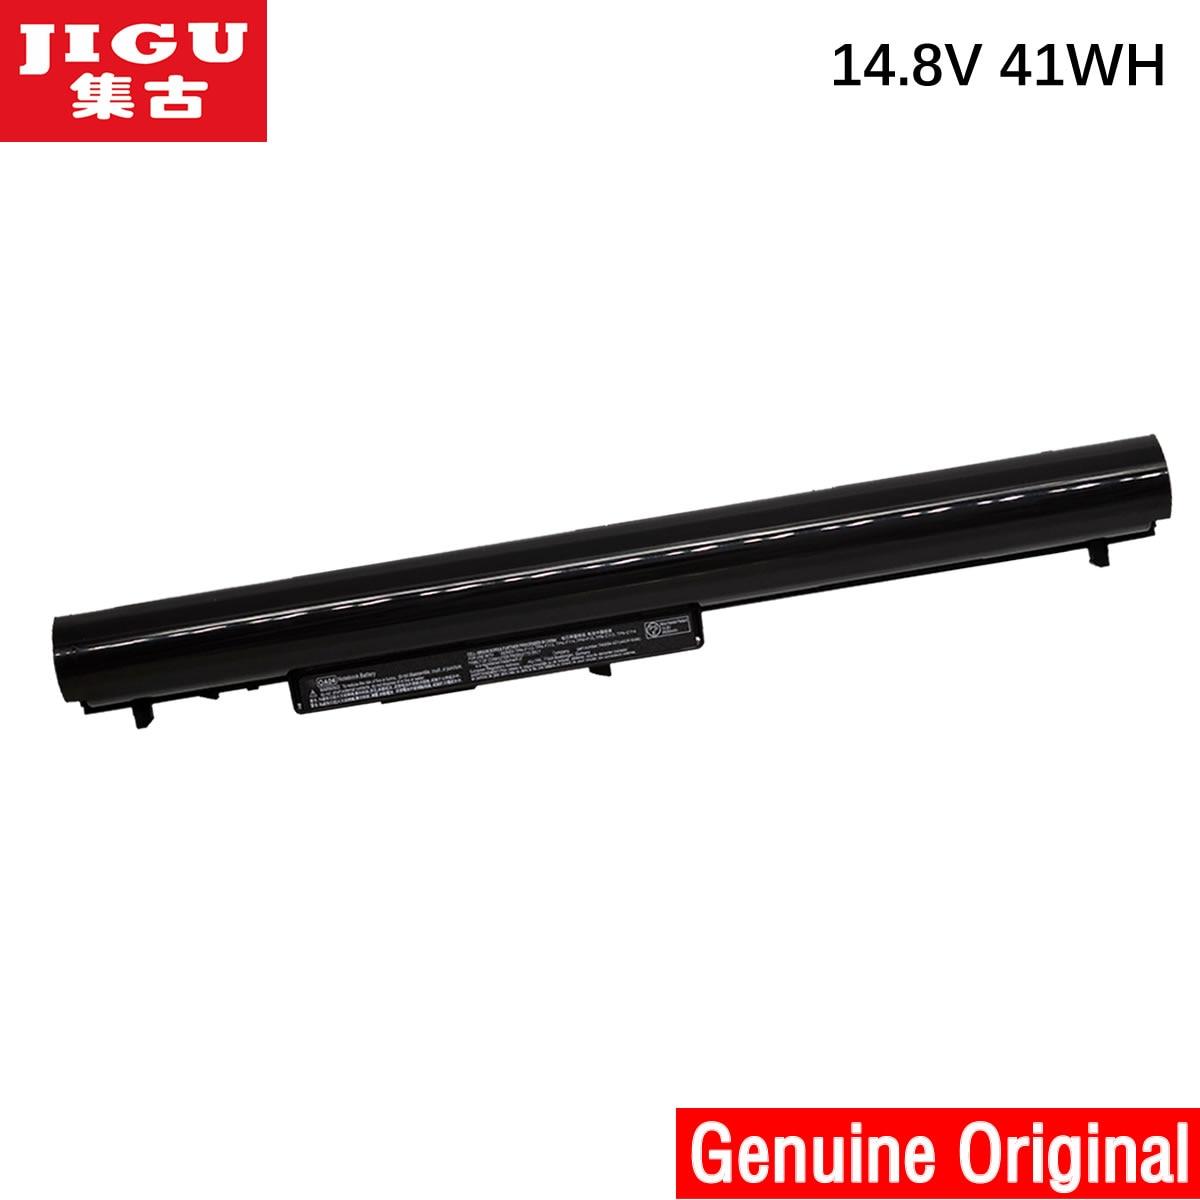 JIGU OA04 740715-001 HSTNN-LB5S Batterie D'ordinateur Portable D'origine Pour HP COMPAQ CQ14 CQ15 240 246 250 256 G2 G3